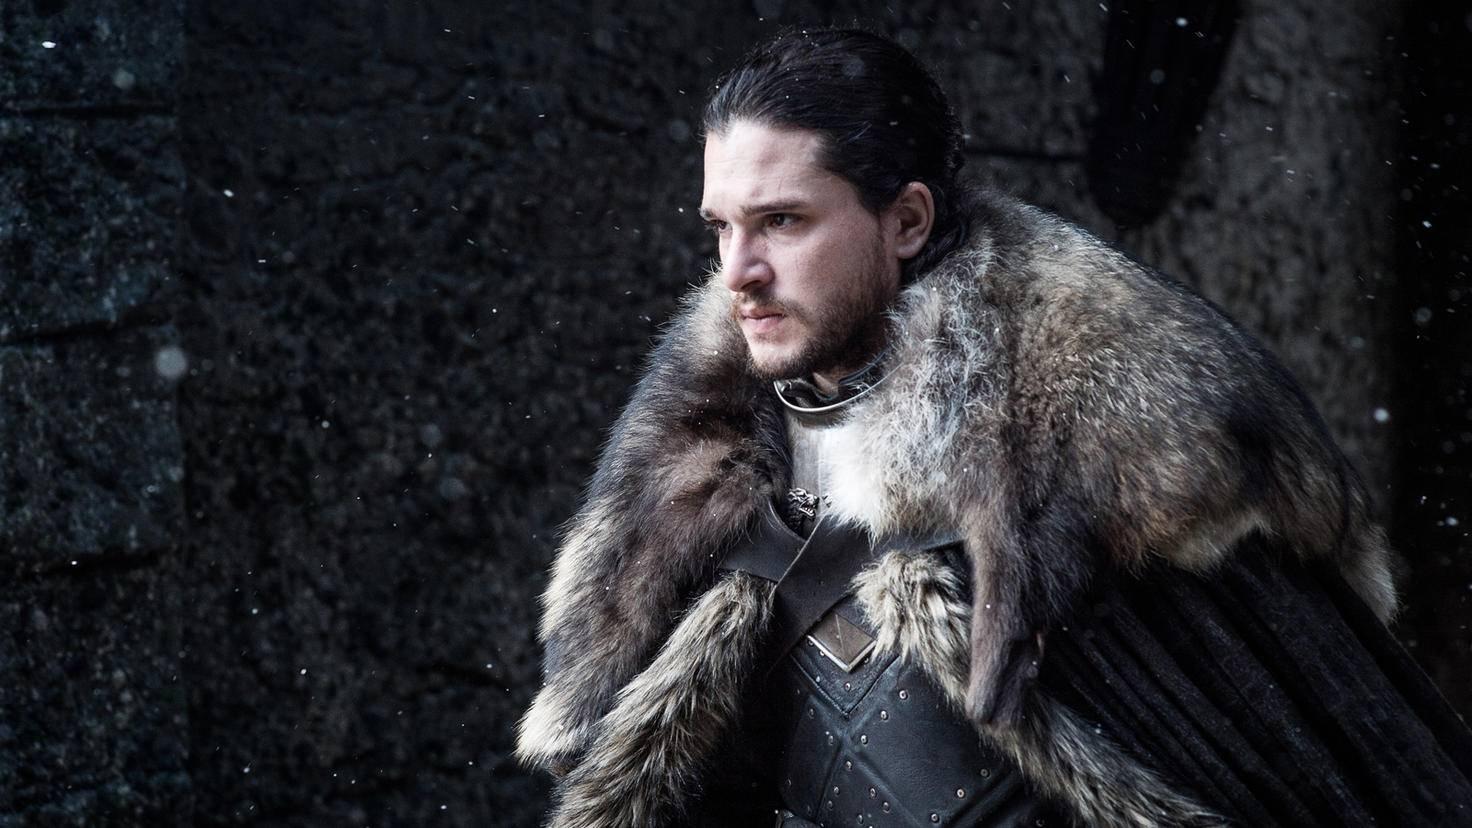 Eine ernste Mine herrscht auch bei Jon Snow, dem König des Nordens.